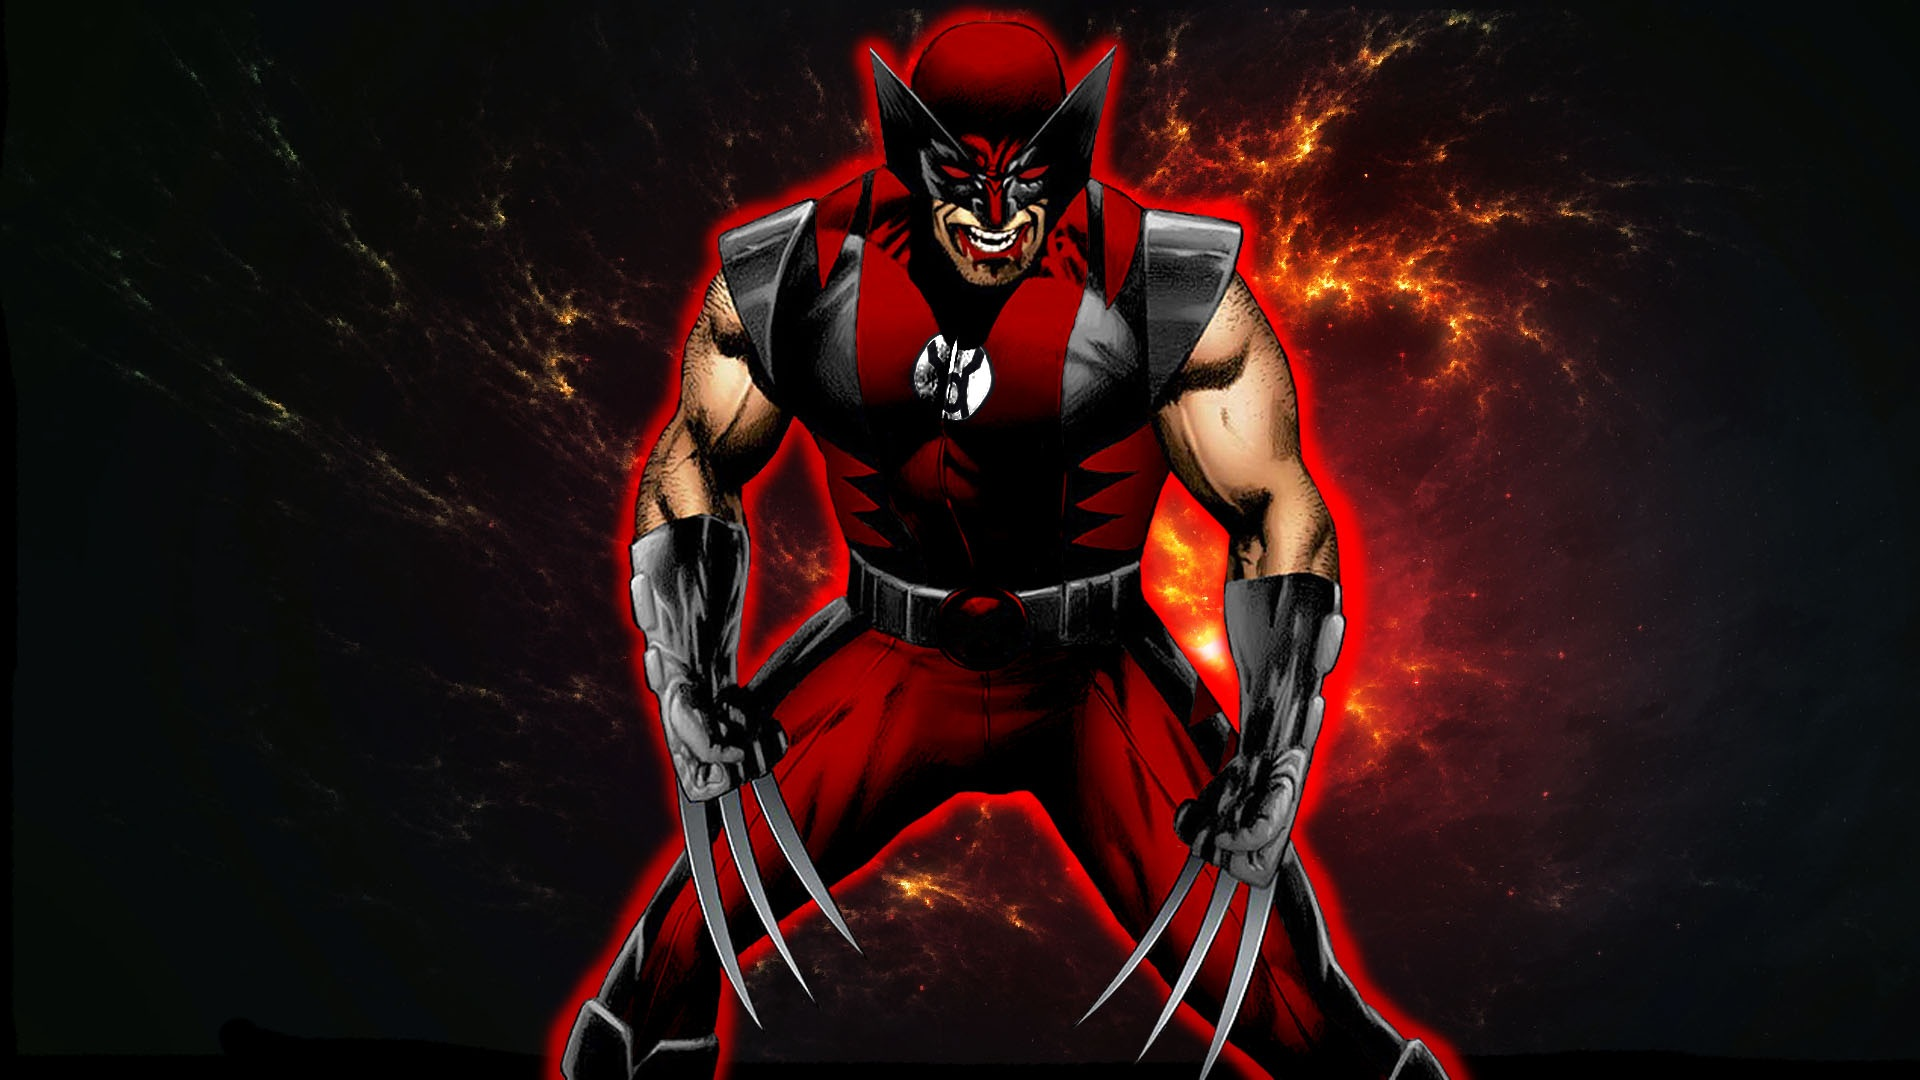 Red Lantern Wolverine vs. Yellow Lantern Batman : whowouldwin